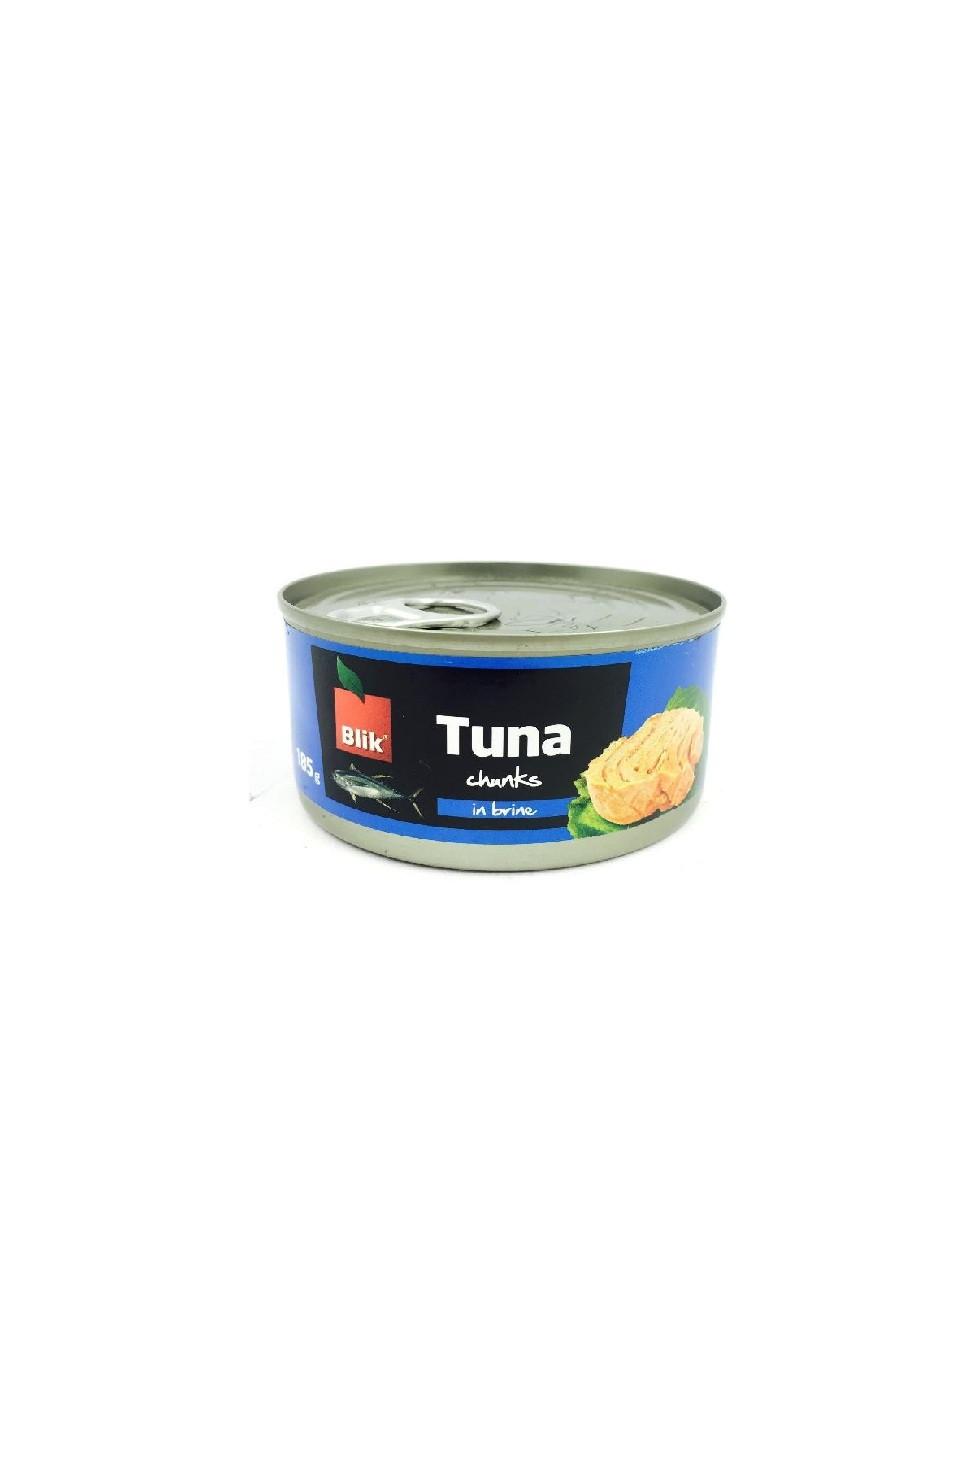 Tuunikala tükid soolvees 185g Blik/Vilko